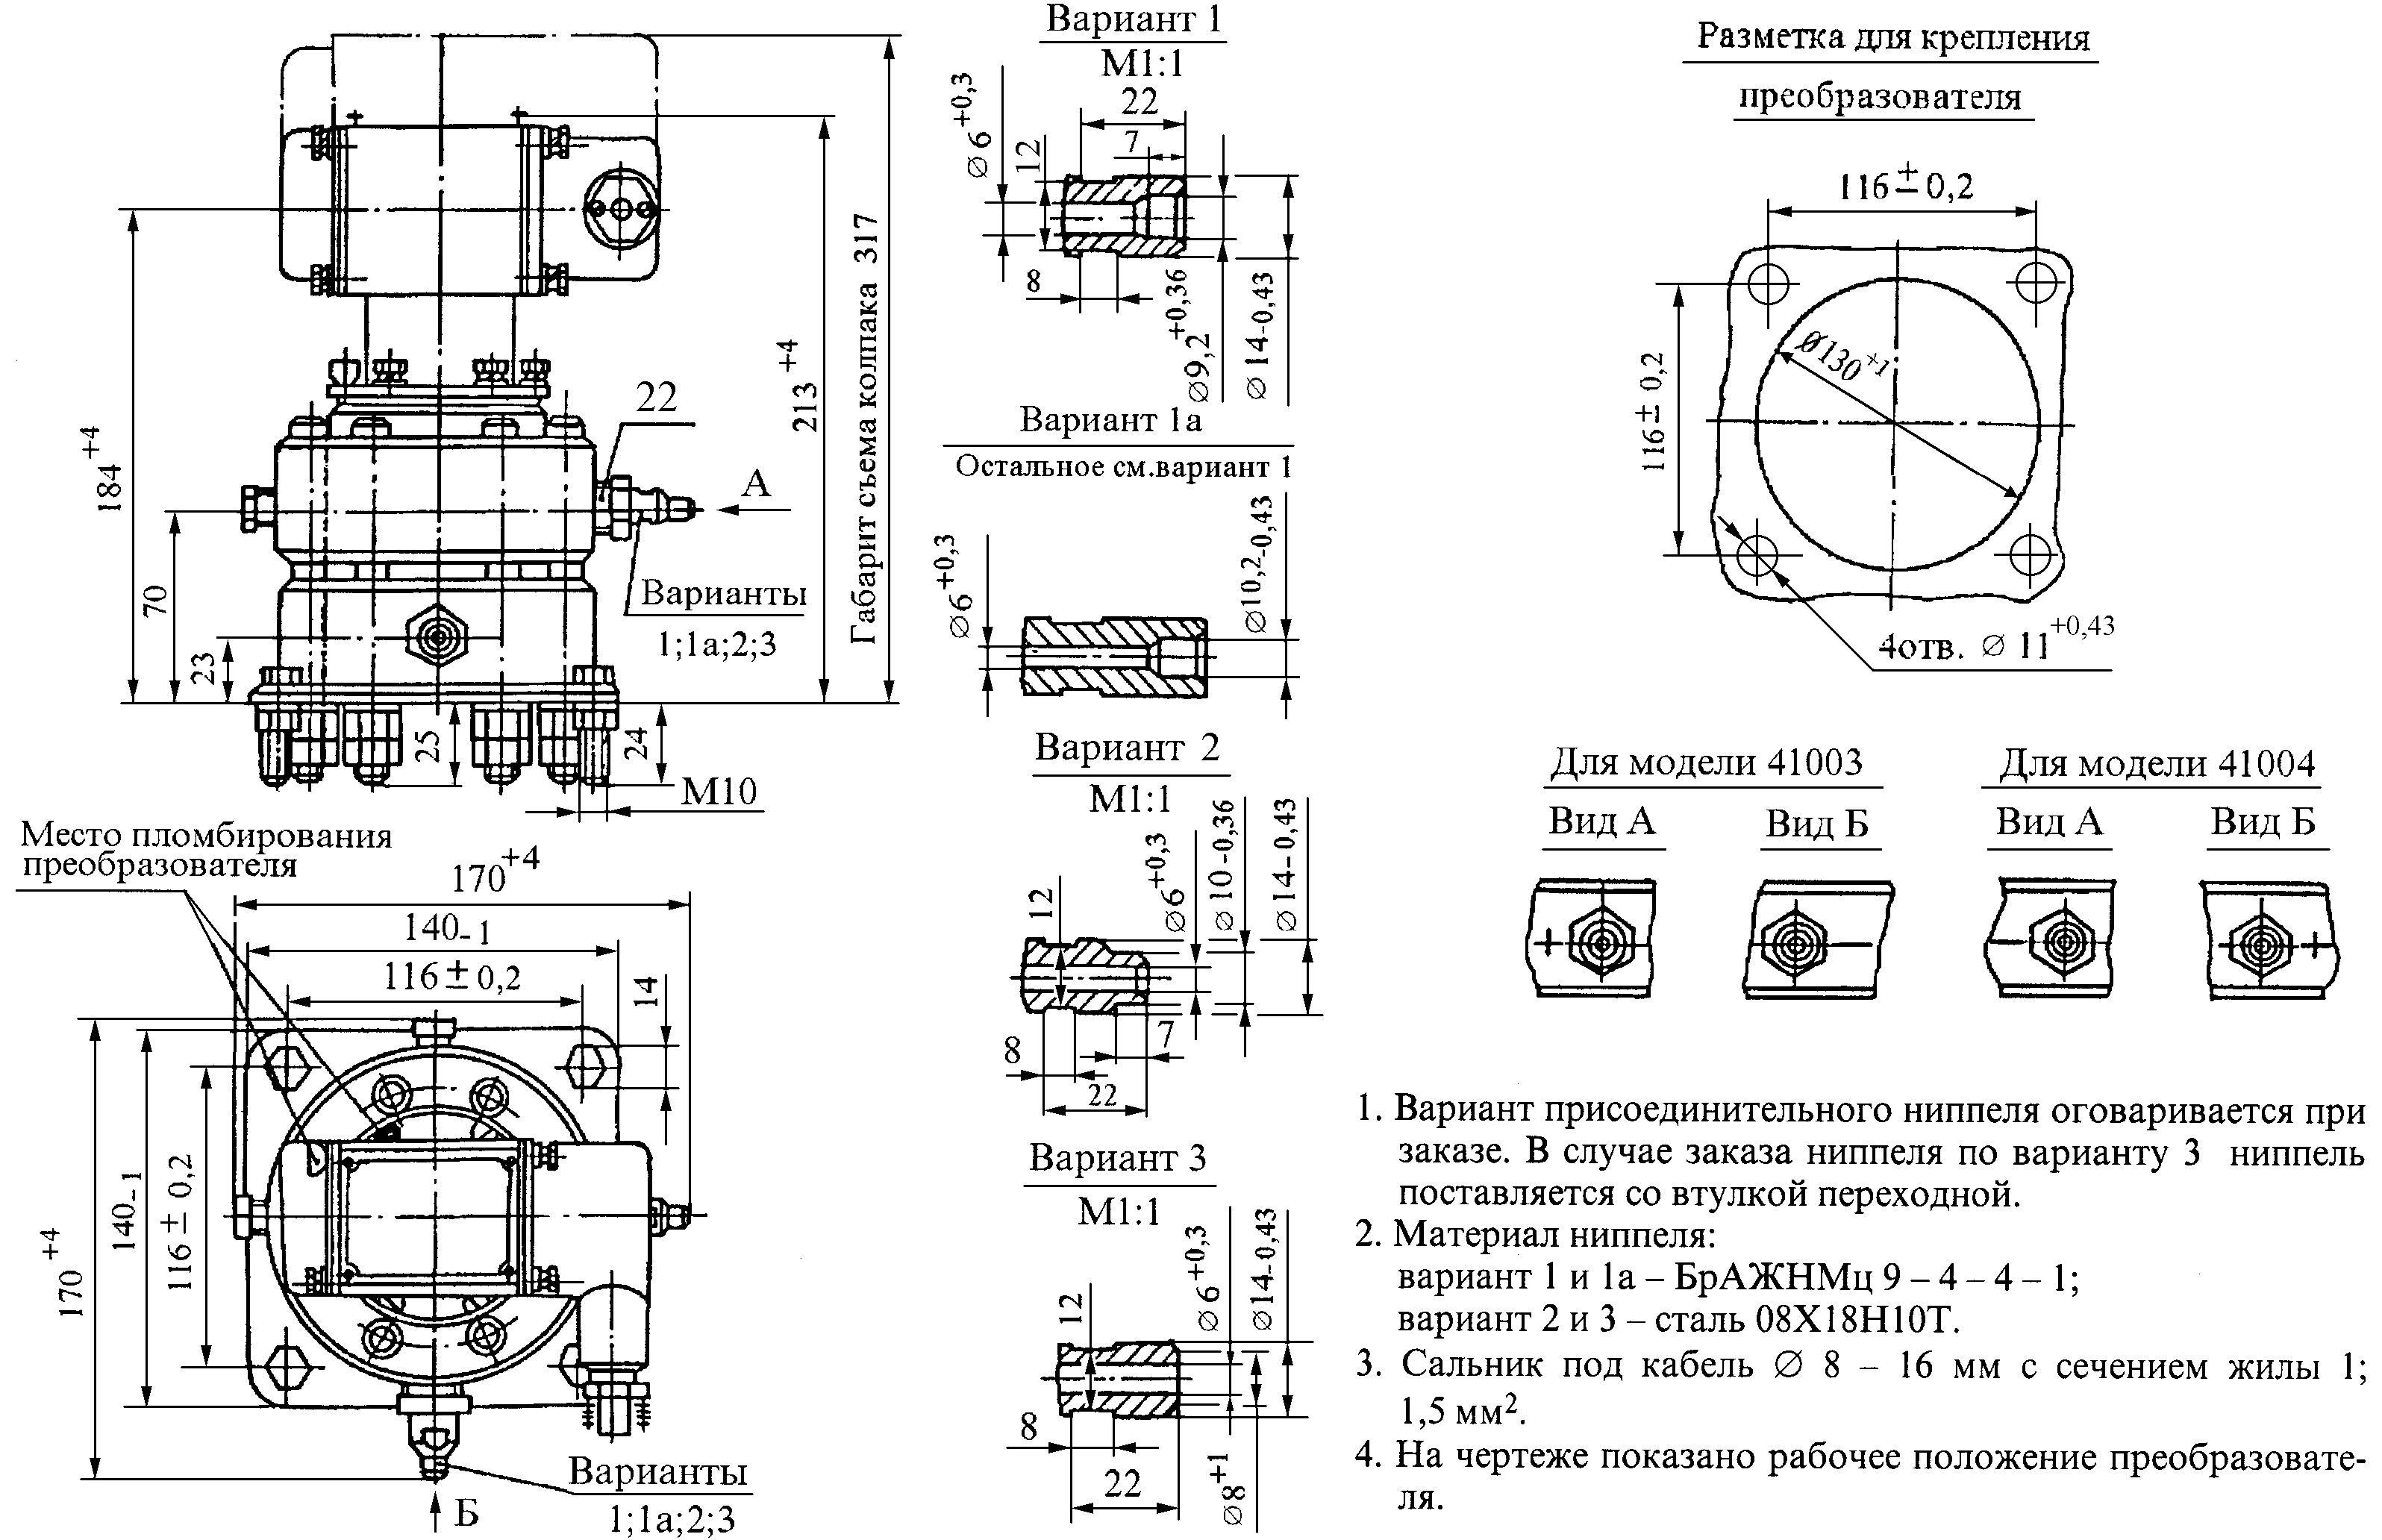 Габаритные и присоединительные размеры преобразователей ДД моделей 41003 и 41004